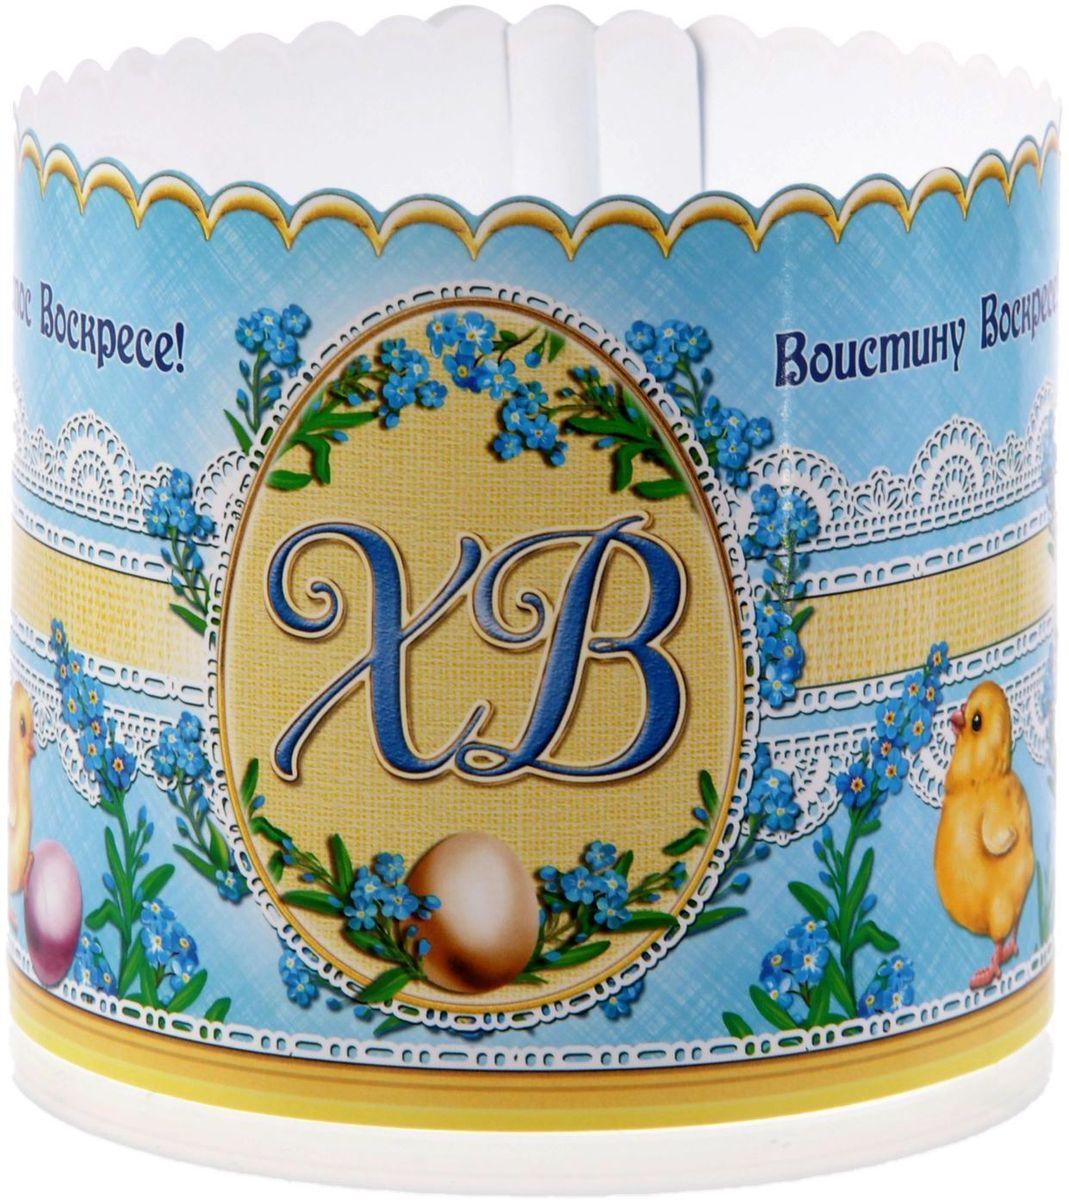 Ободок для пасхального кулича ХВ. Пасхальные яйца, 41,6 х 10 см. 15462661546266Ободок для пасхального кулича — отличное дополнение для торжества. Аксессуар украсит праздничный стол и защитит угощение от маленьких ручек, которые так и норовят отщипнуть кусочек от угощения. Размер ободка регулируется, поэтому он подходит для больших и маленьких куличей.